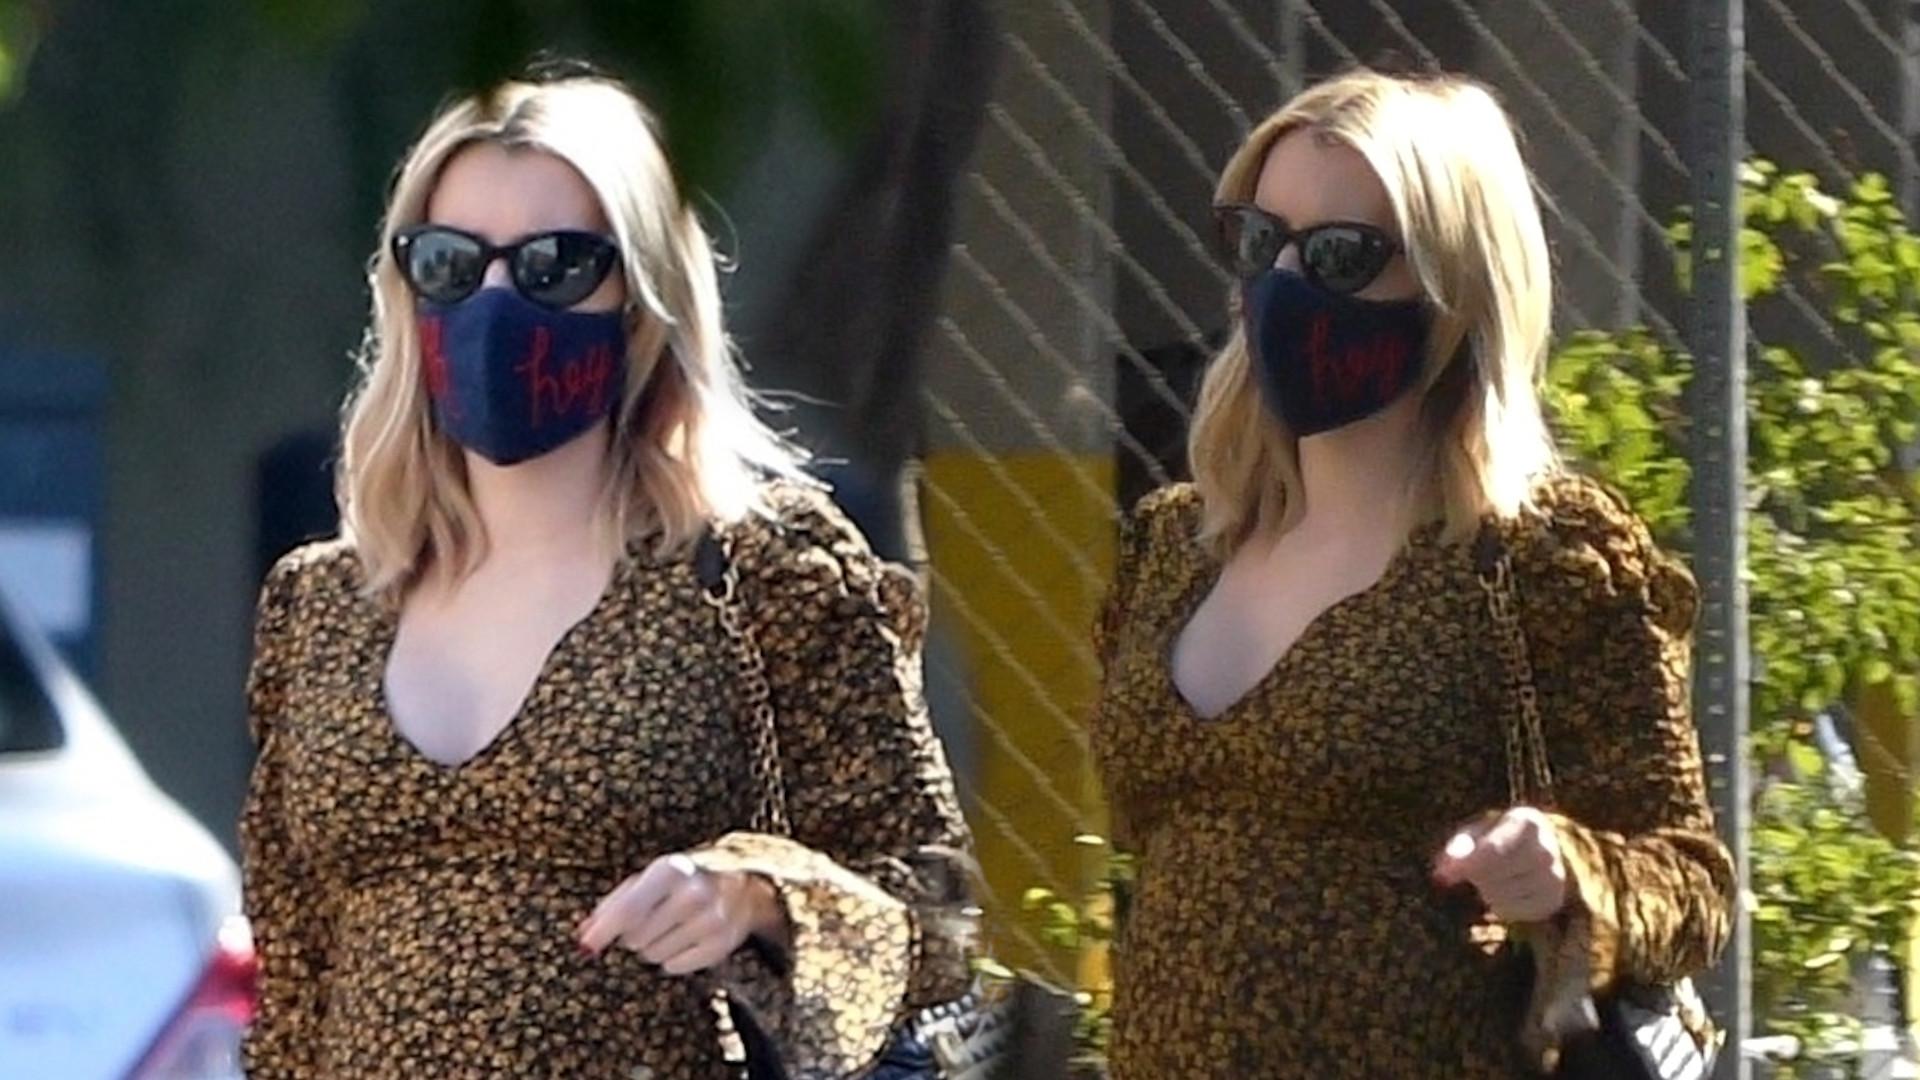 Emma Roberts nawet w ciąży wygląda stylowo. Postawiła na MODNE buty